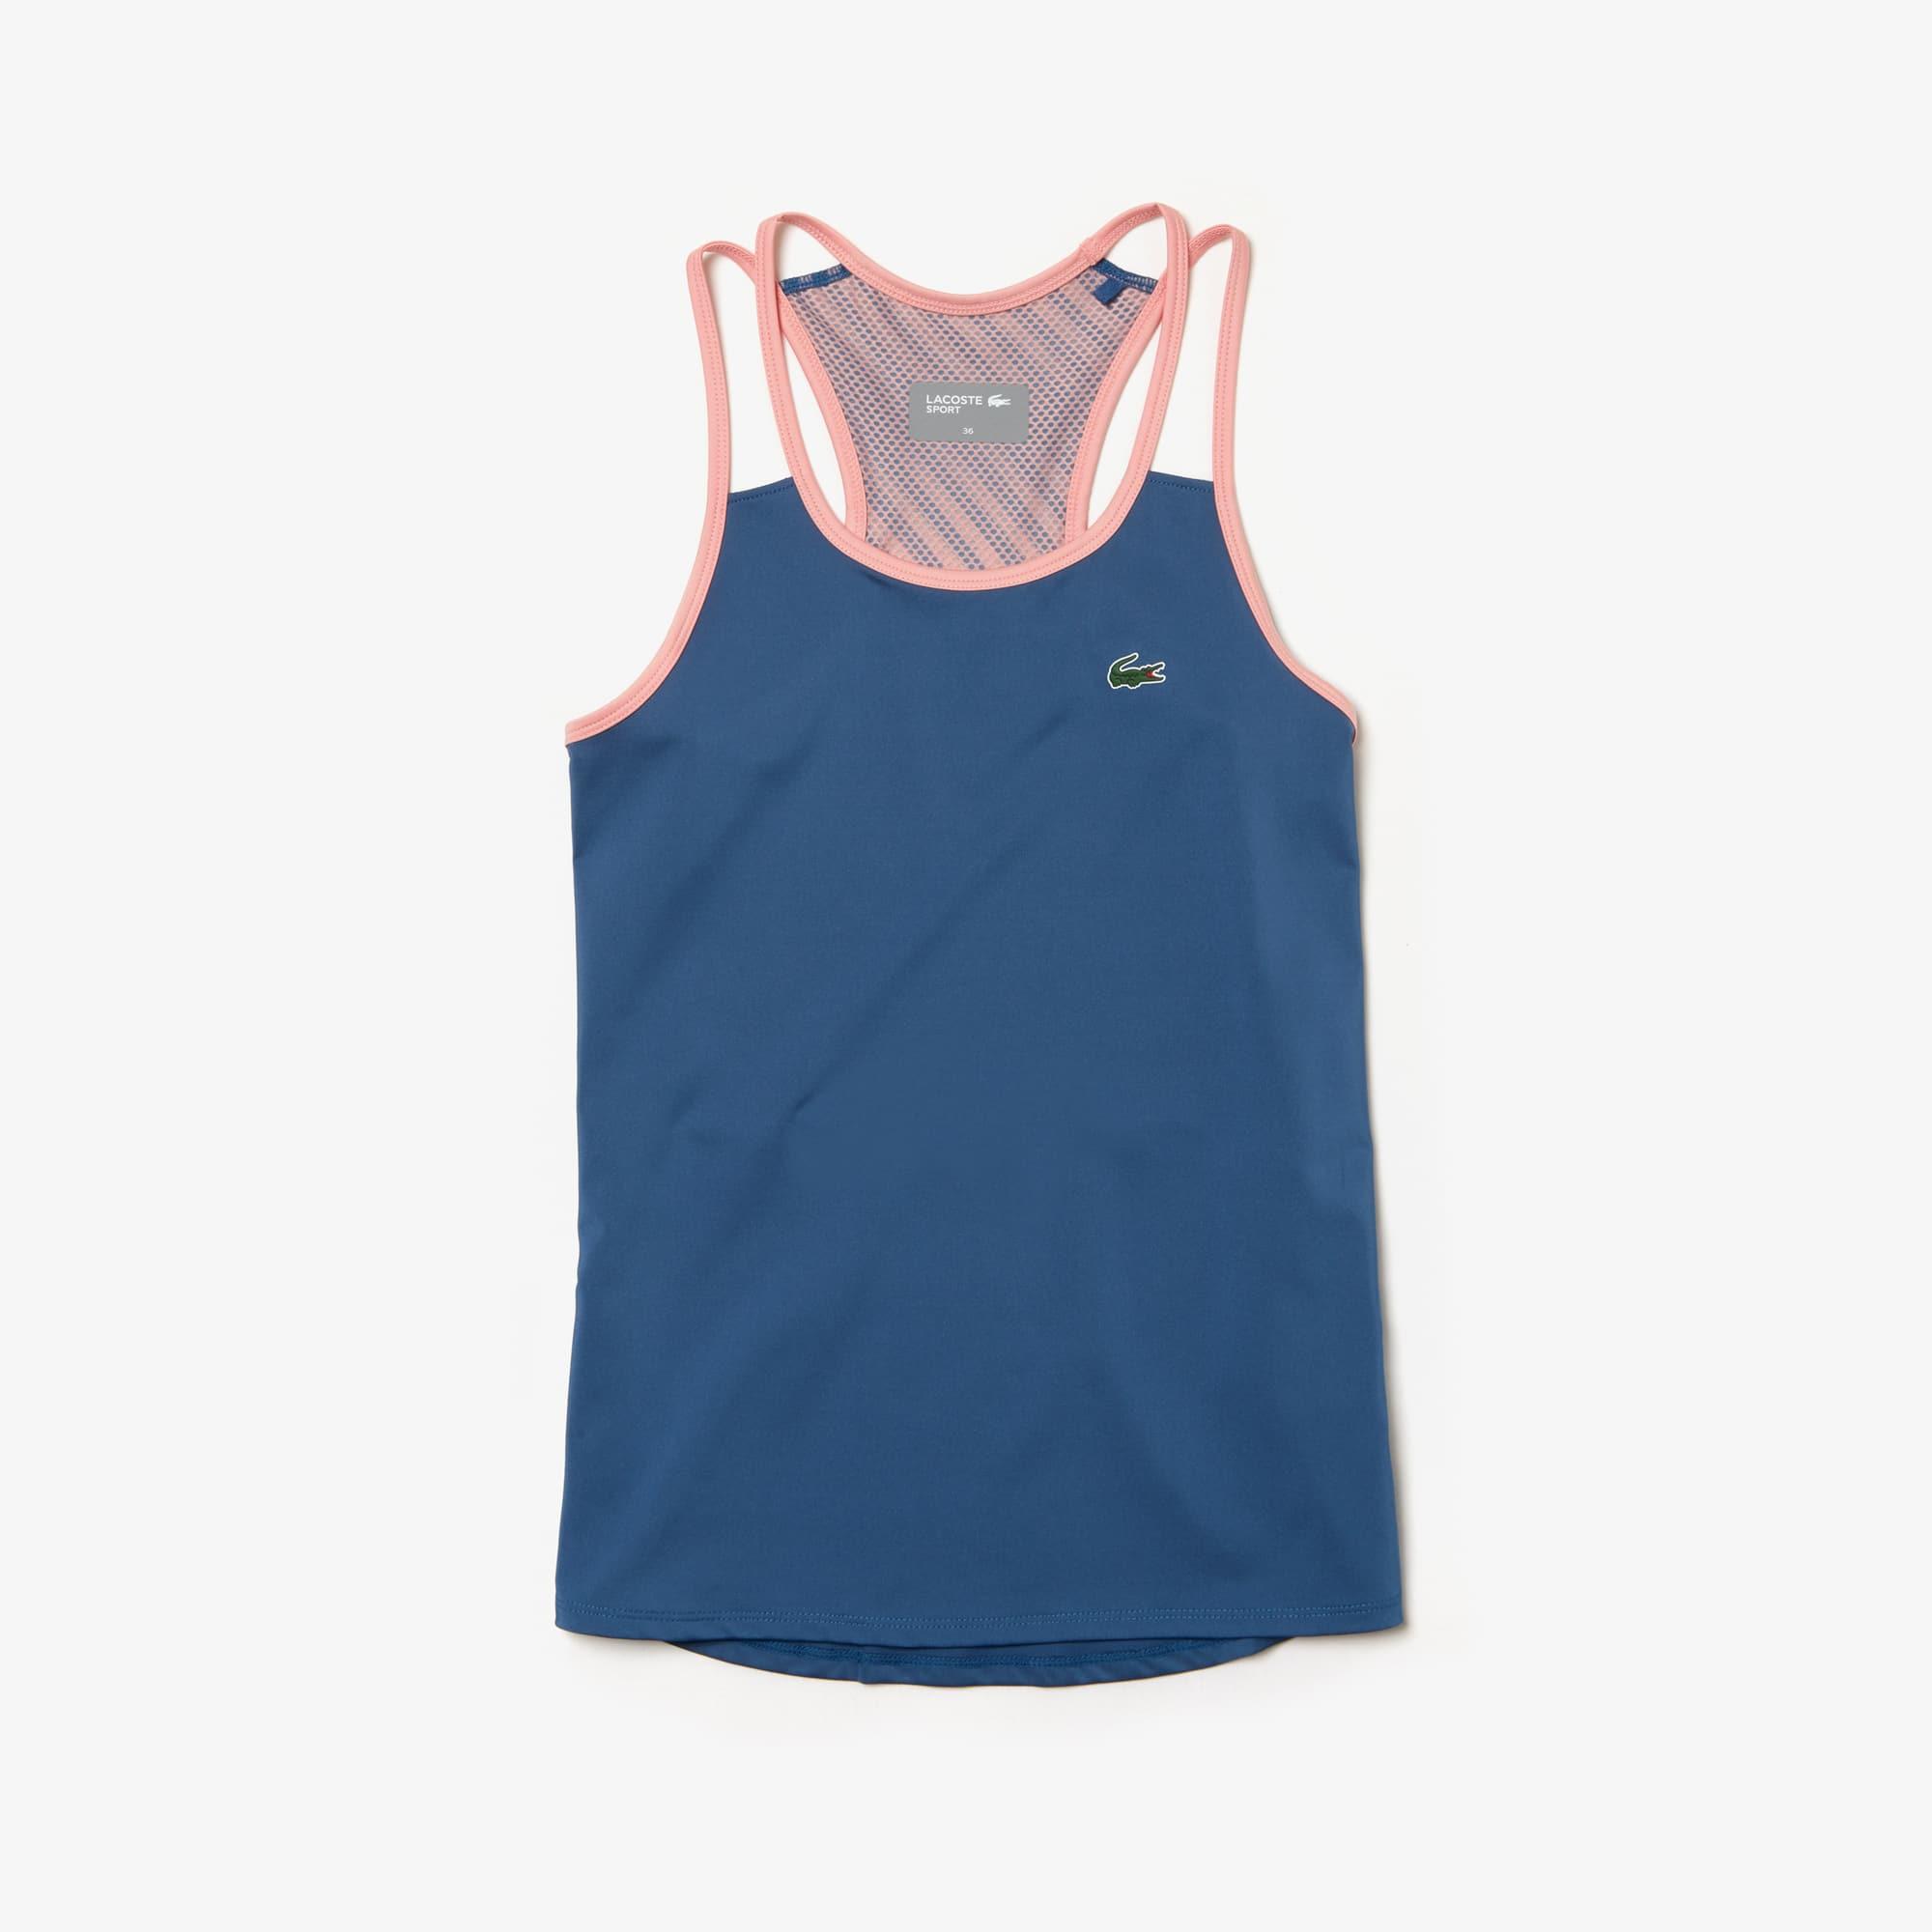 라코스테 레이서백 나시 티셔츠 Lacoste Womens SPORT Tech Jersey Racerback Tennis Tank Top,blue / pink / pink